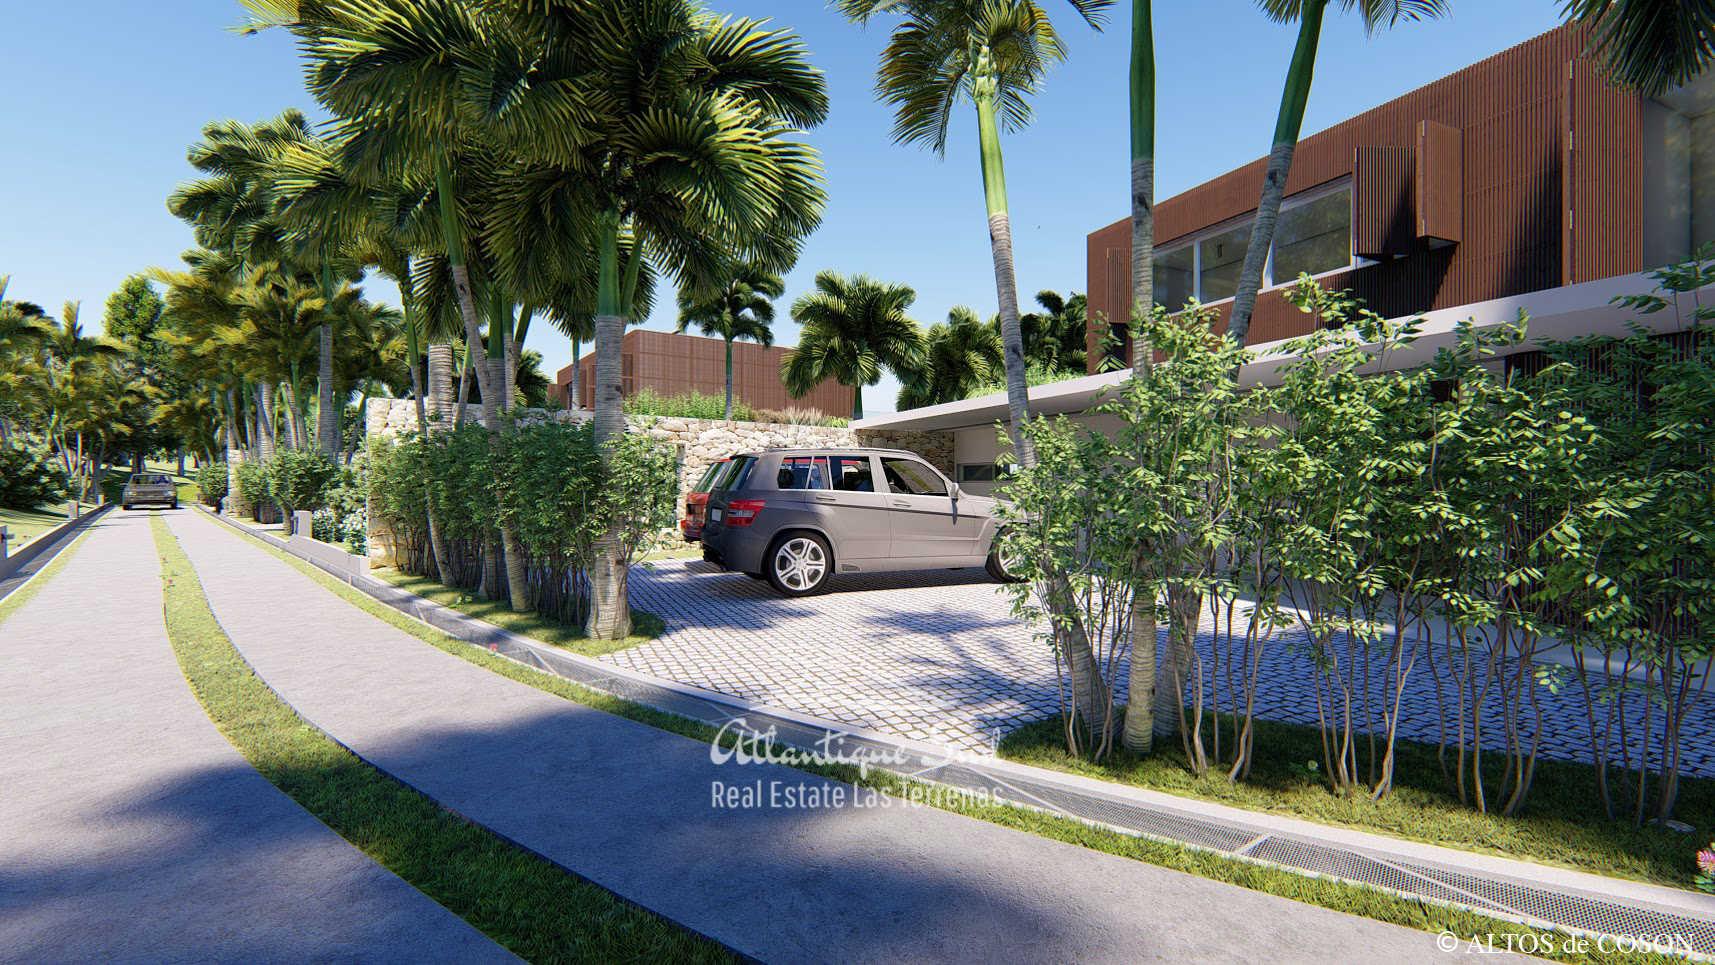 Lots with villas to build in Coson las terrenas2.jpg